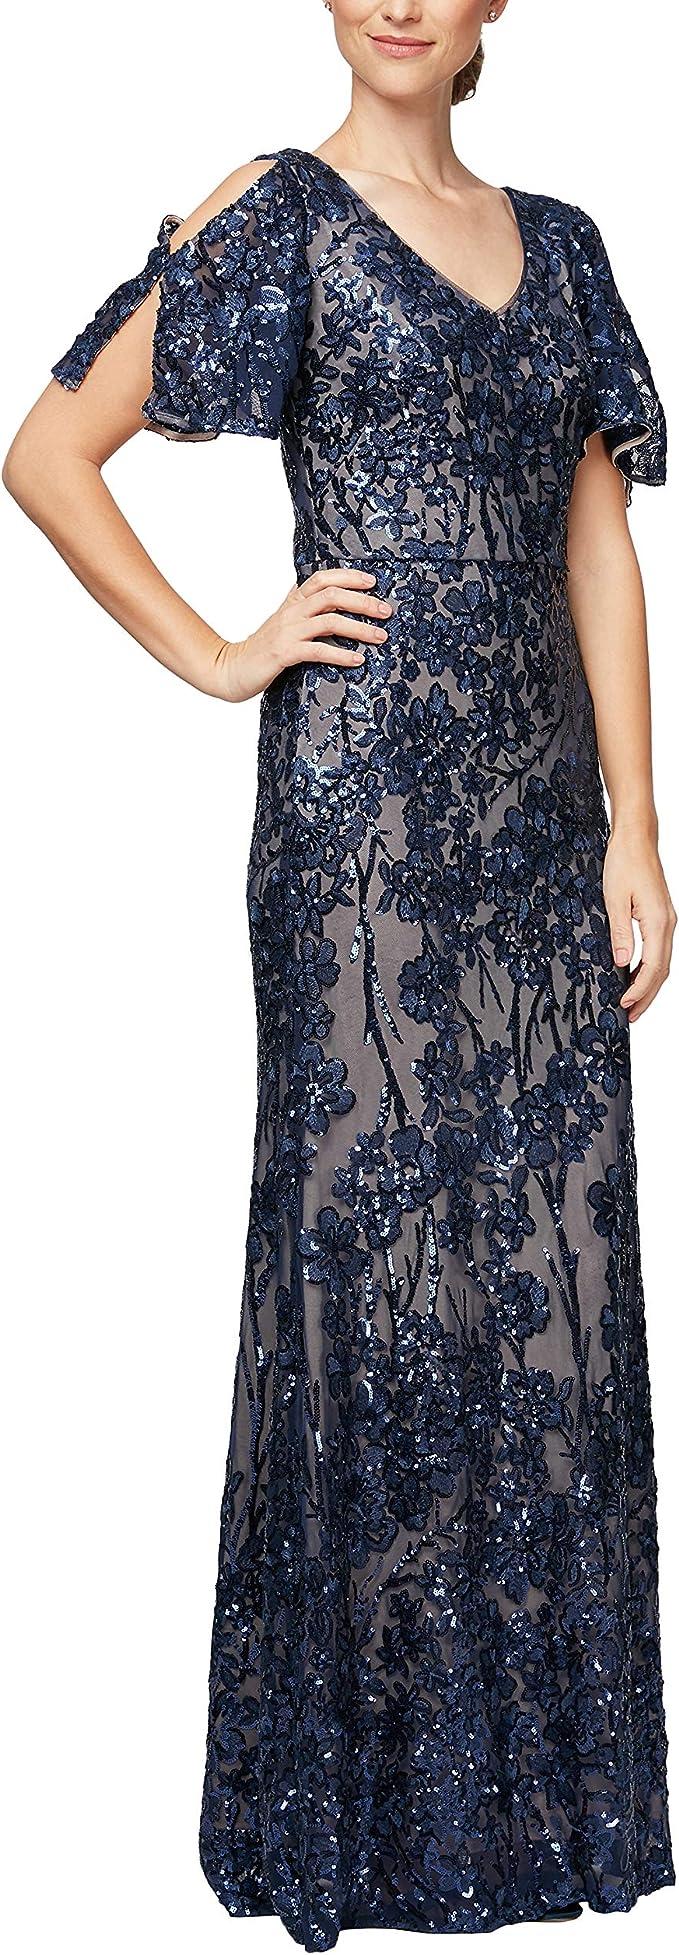 Alex Evenings Damen Kleid für besondere Anlässe